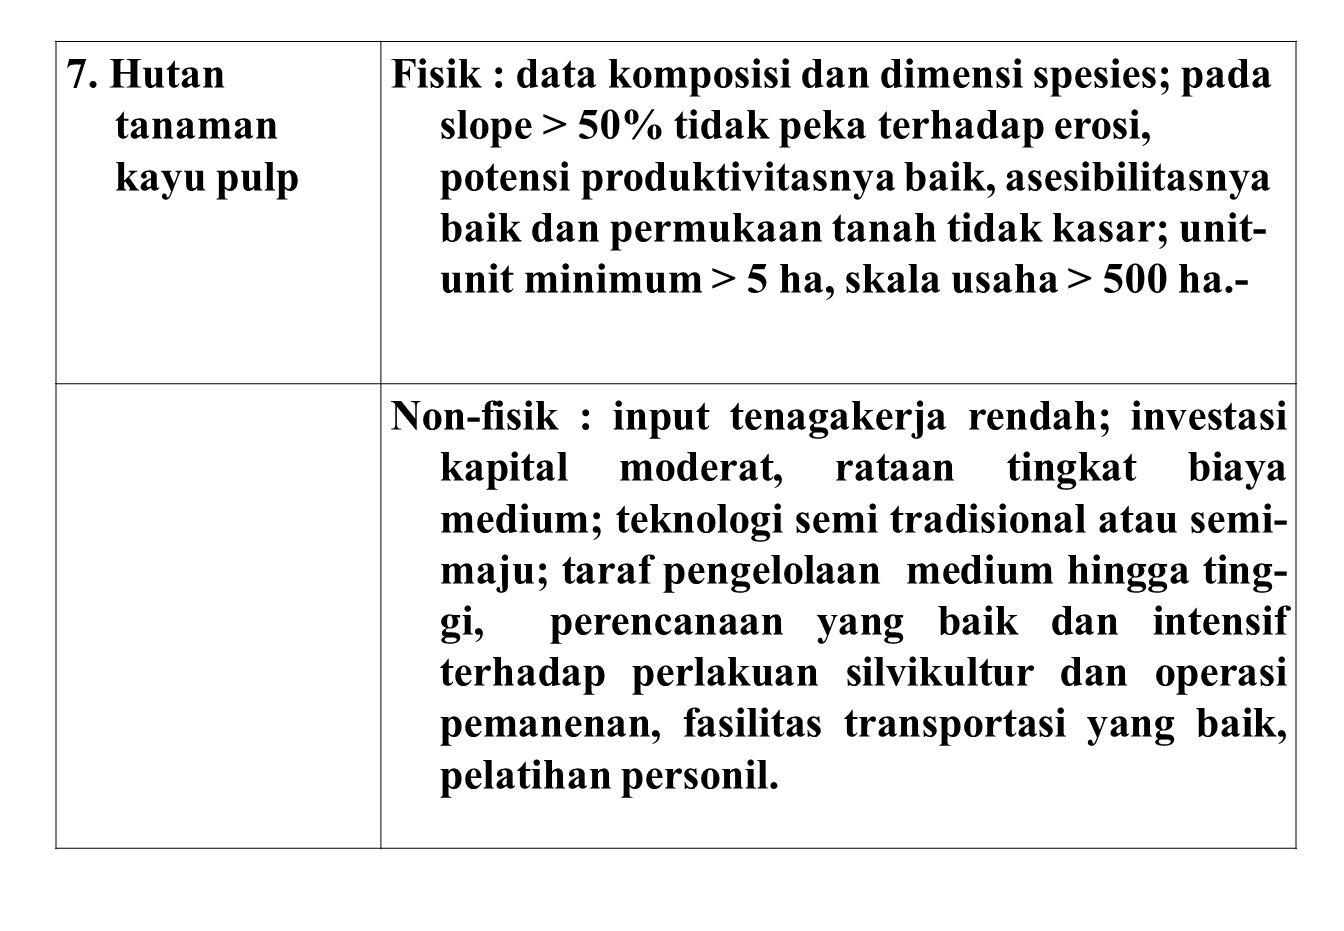 7. Hutan tanaman kayu pulp